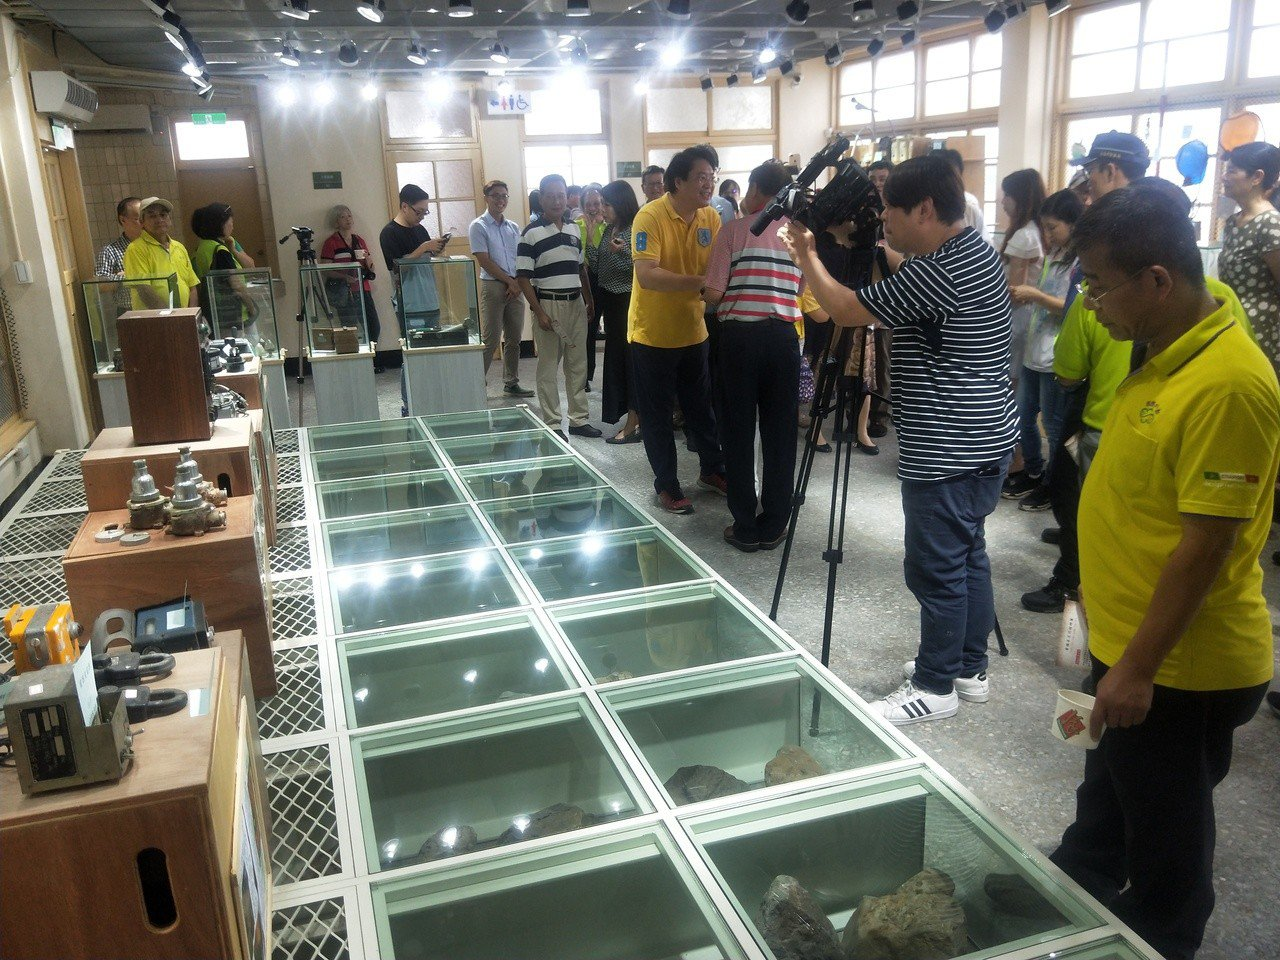 基隆「黃蠟石文化館」今天正式啟用,是全台獨有,展示很多來自基隆河的黃蠟石,十分珍...